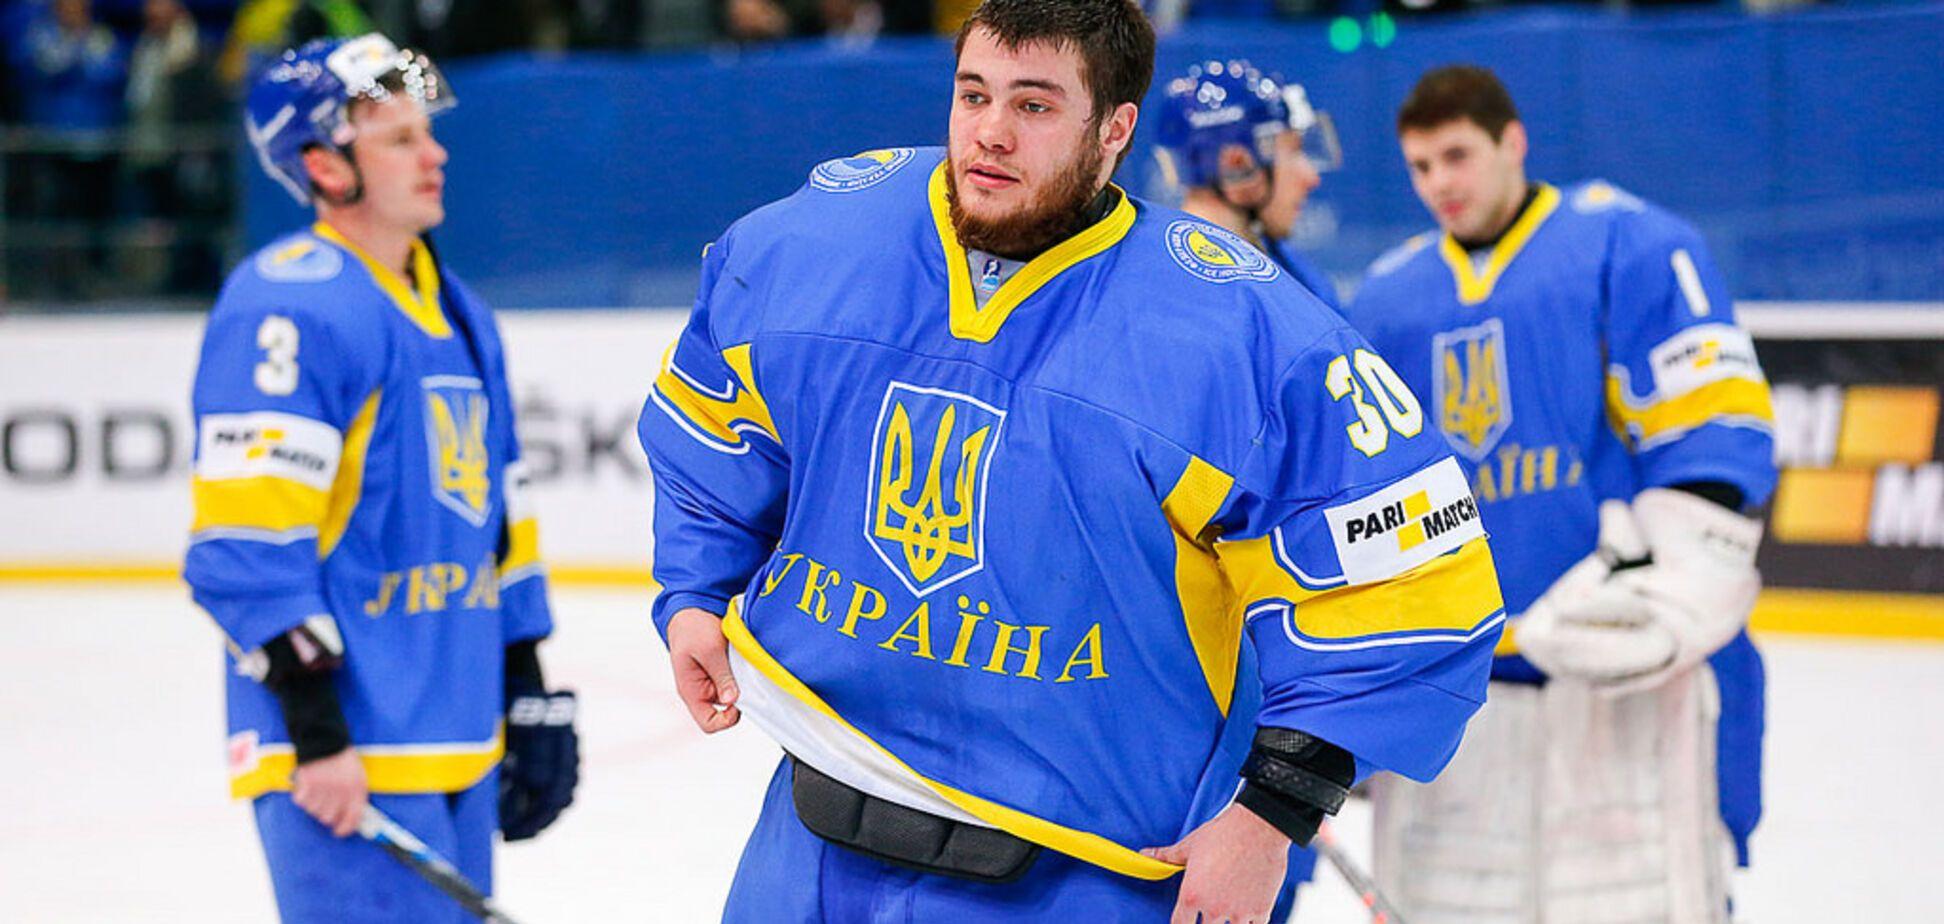 Хоккеисты сборной Украины признались в сдаче матча чемпионата мира-2017